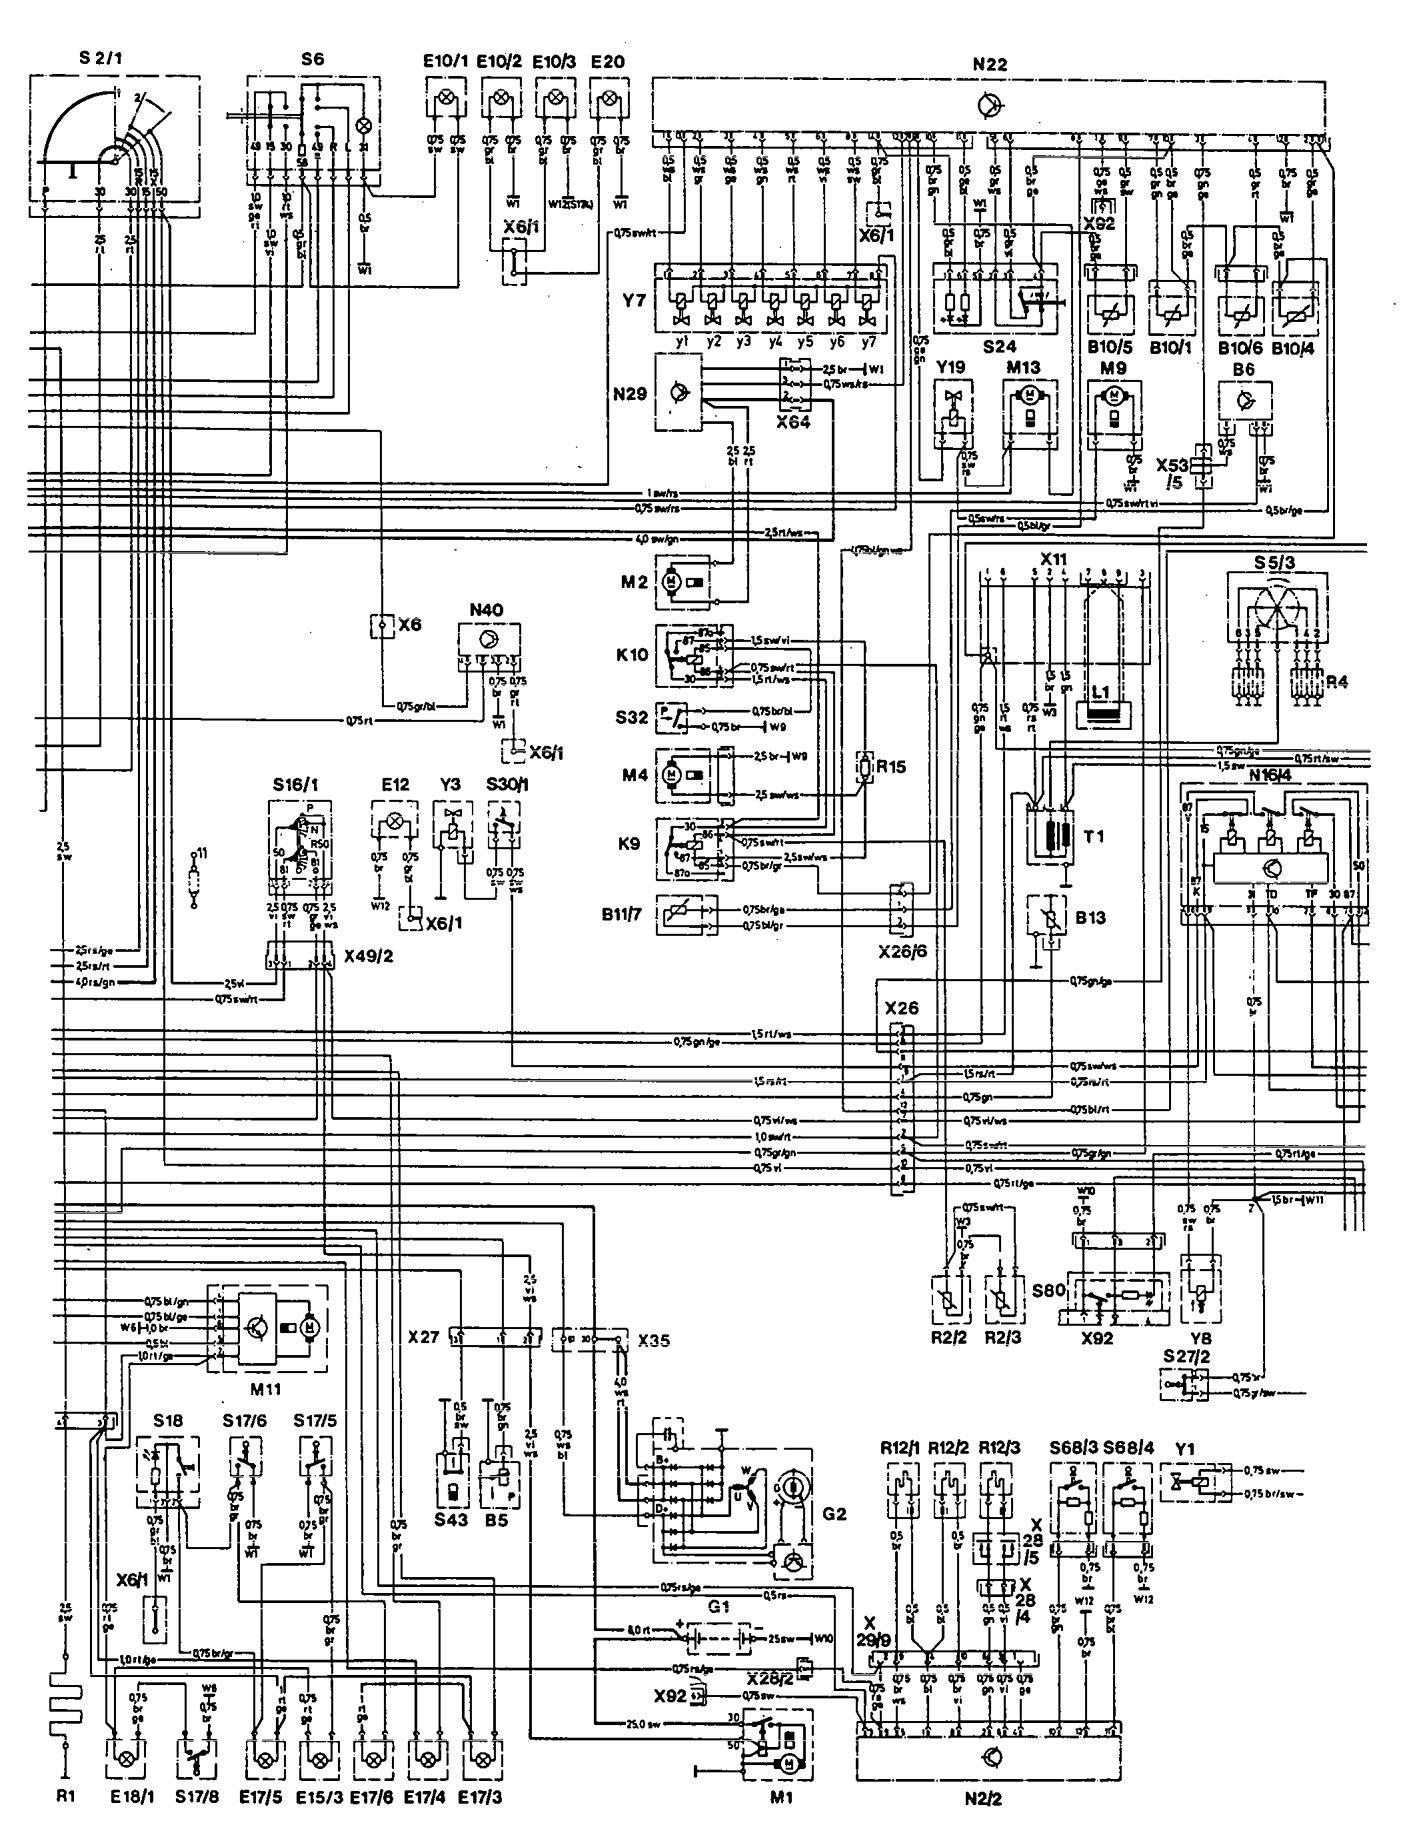 Mercedes Benz 400e 1992 1993 Wiring Diagrams Cooling Fans Fan Diagram 300e Part 2